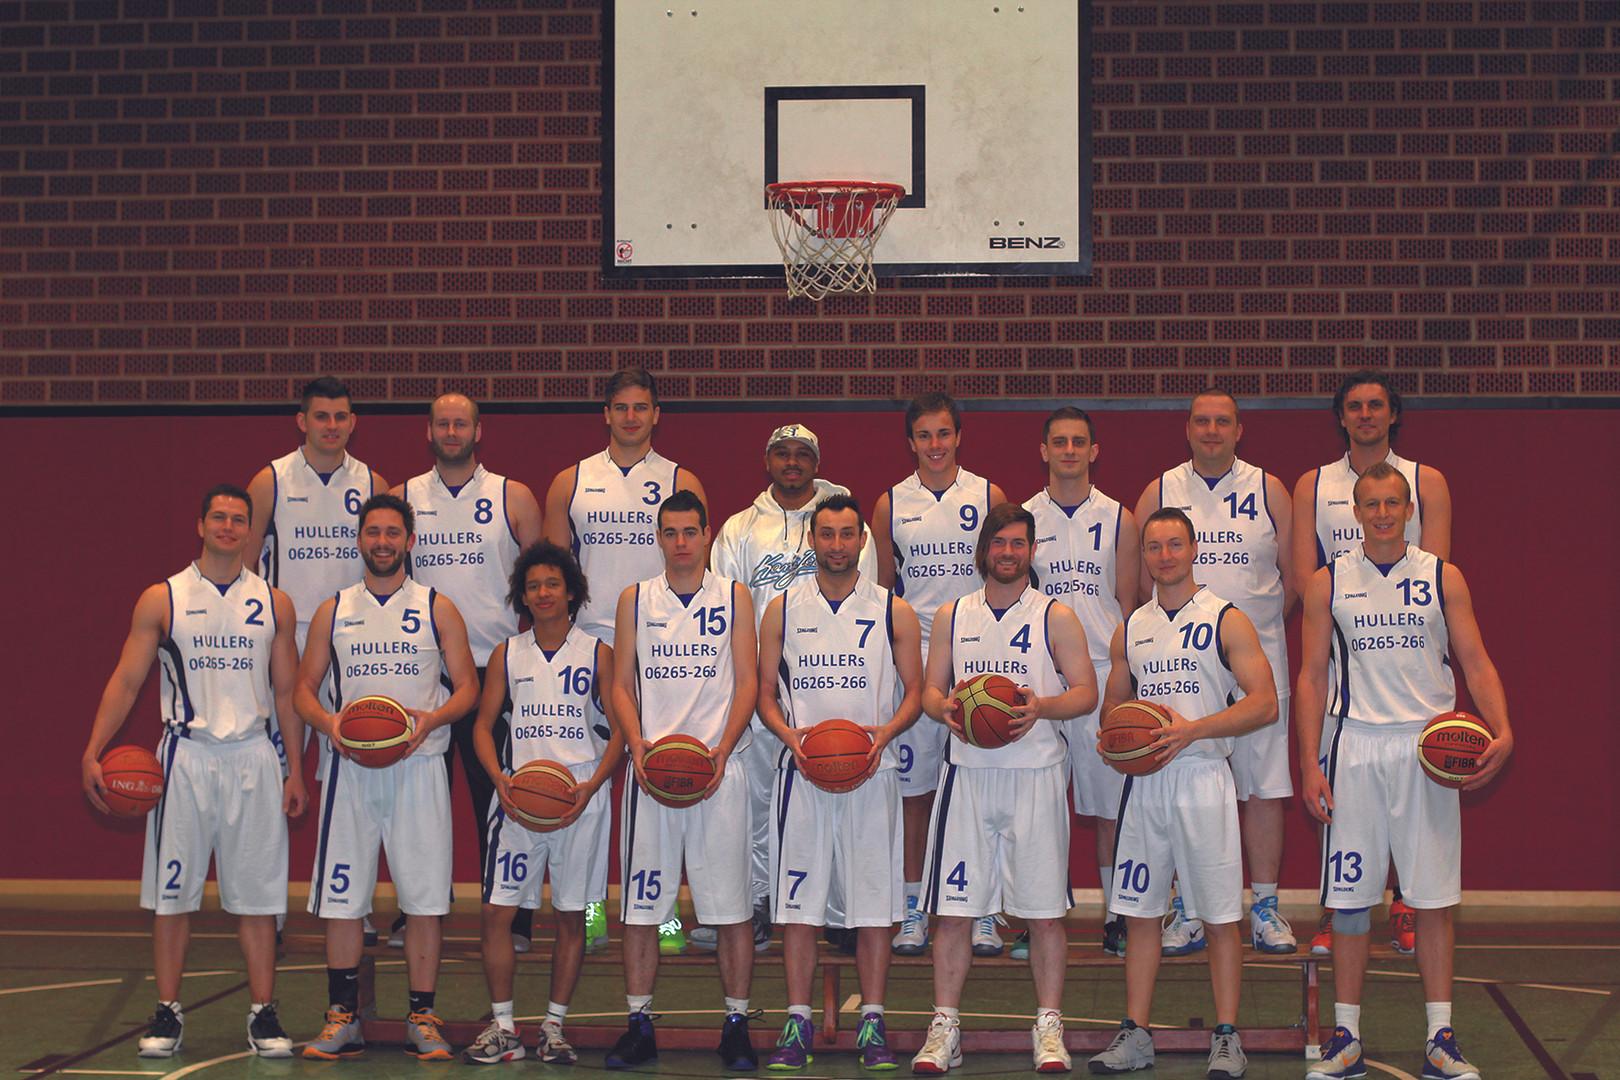 BB_LandesligaKader_1314_2.JPG